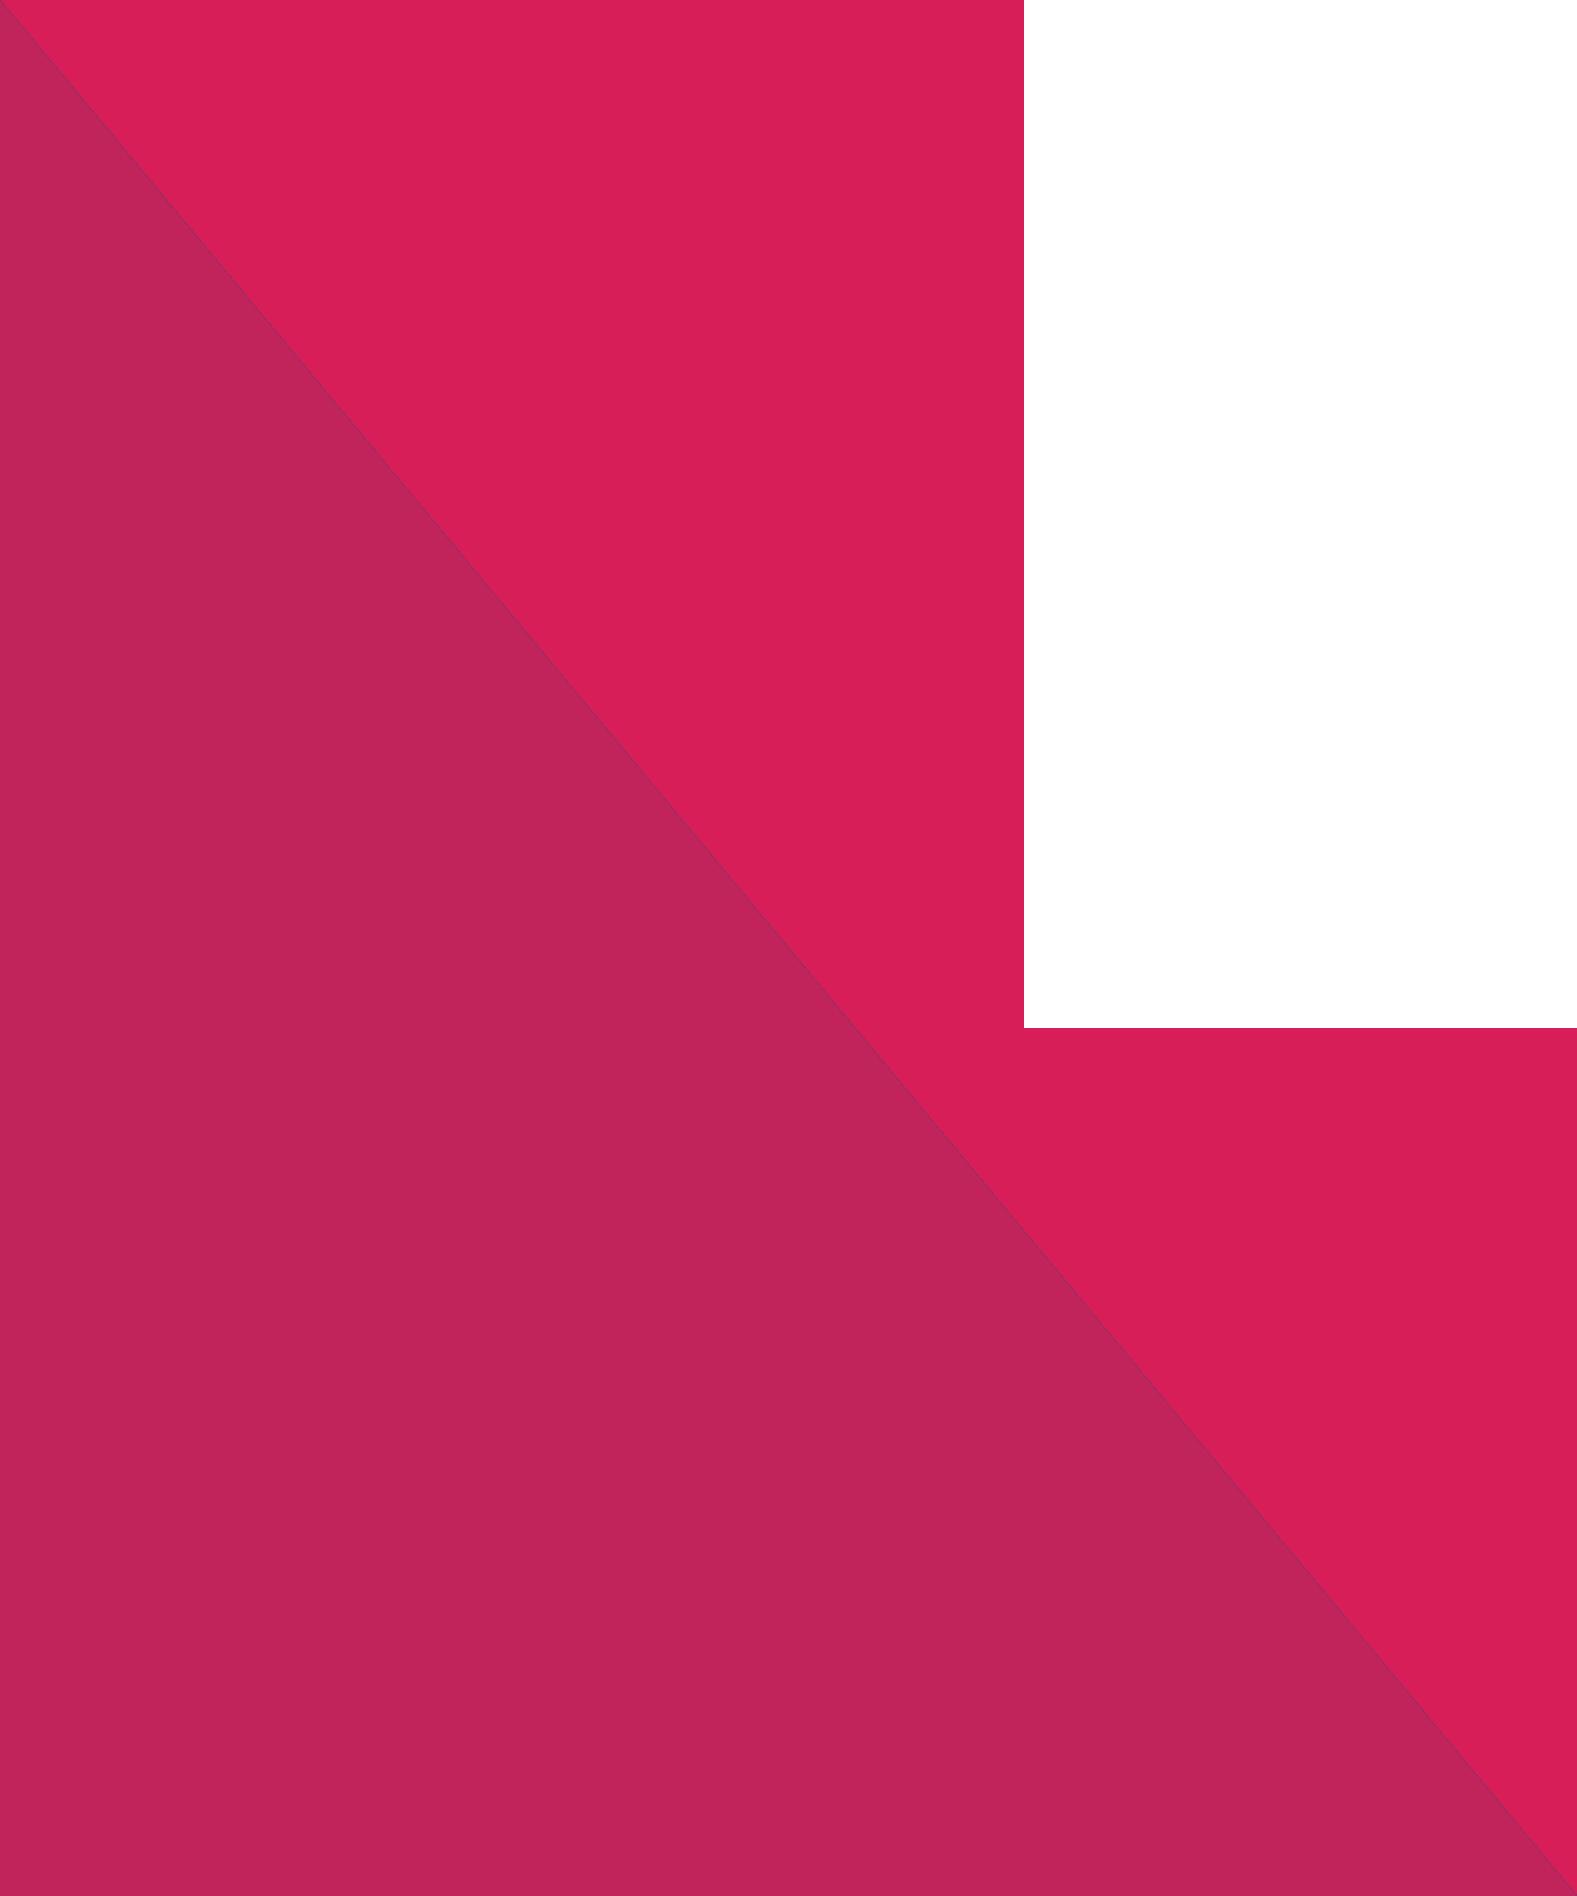 maynARTdesign | Agência de Design e Marketing Digital - Social Mídia